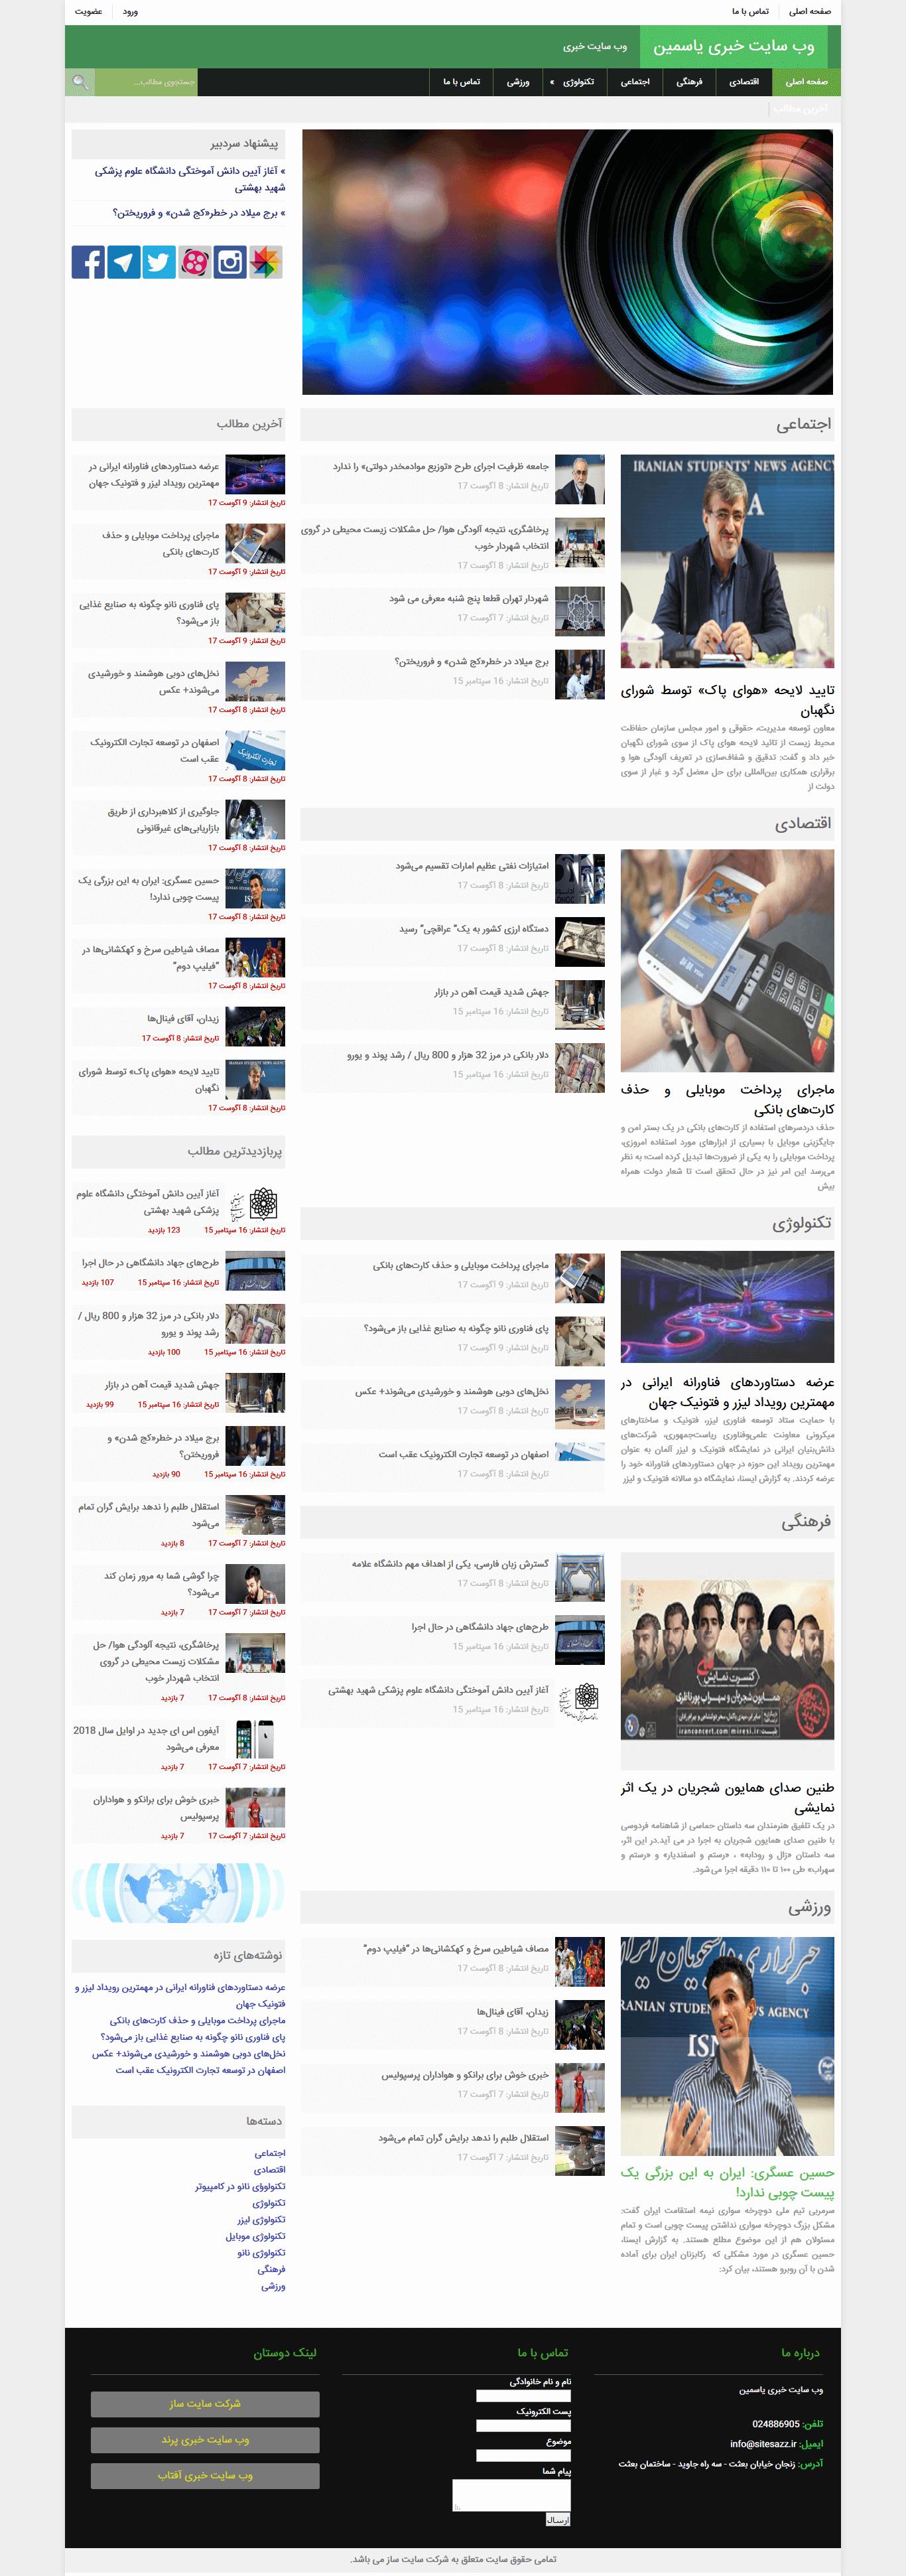 وب سایت خبری یاسمین